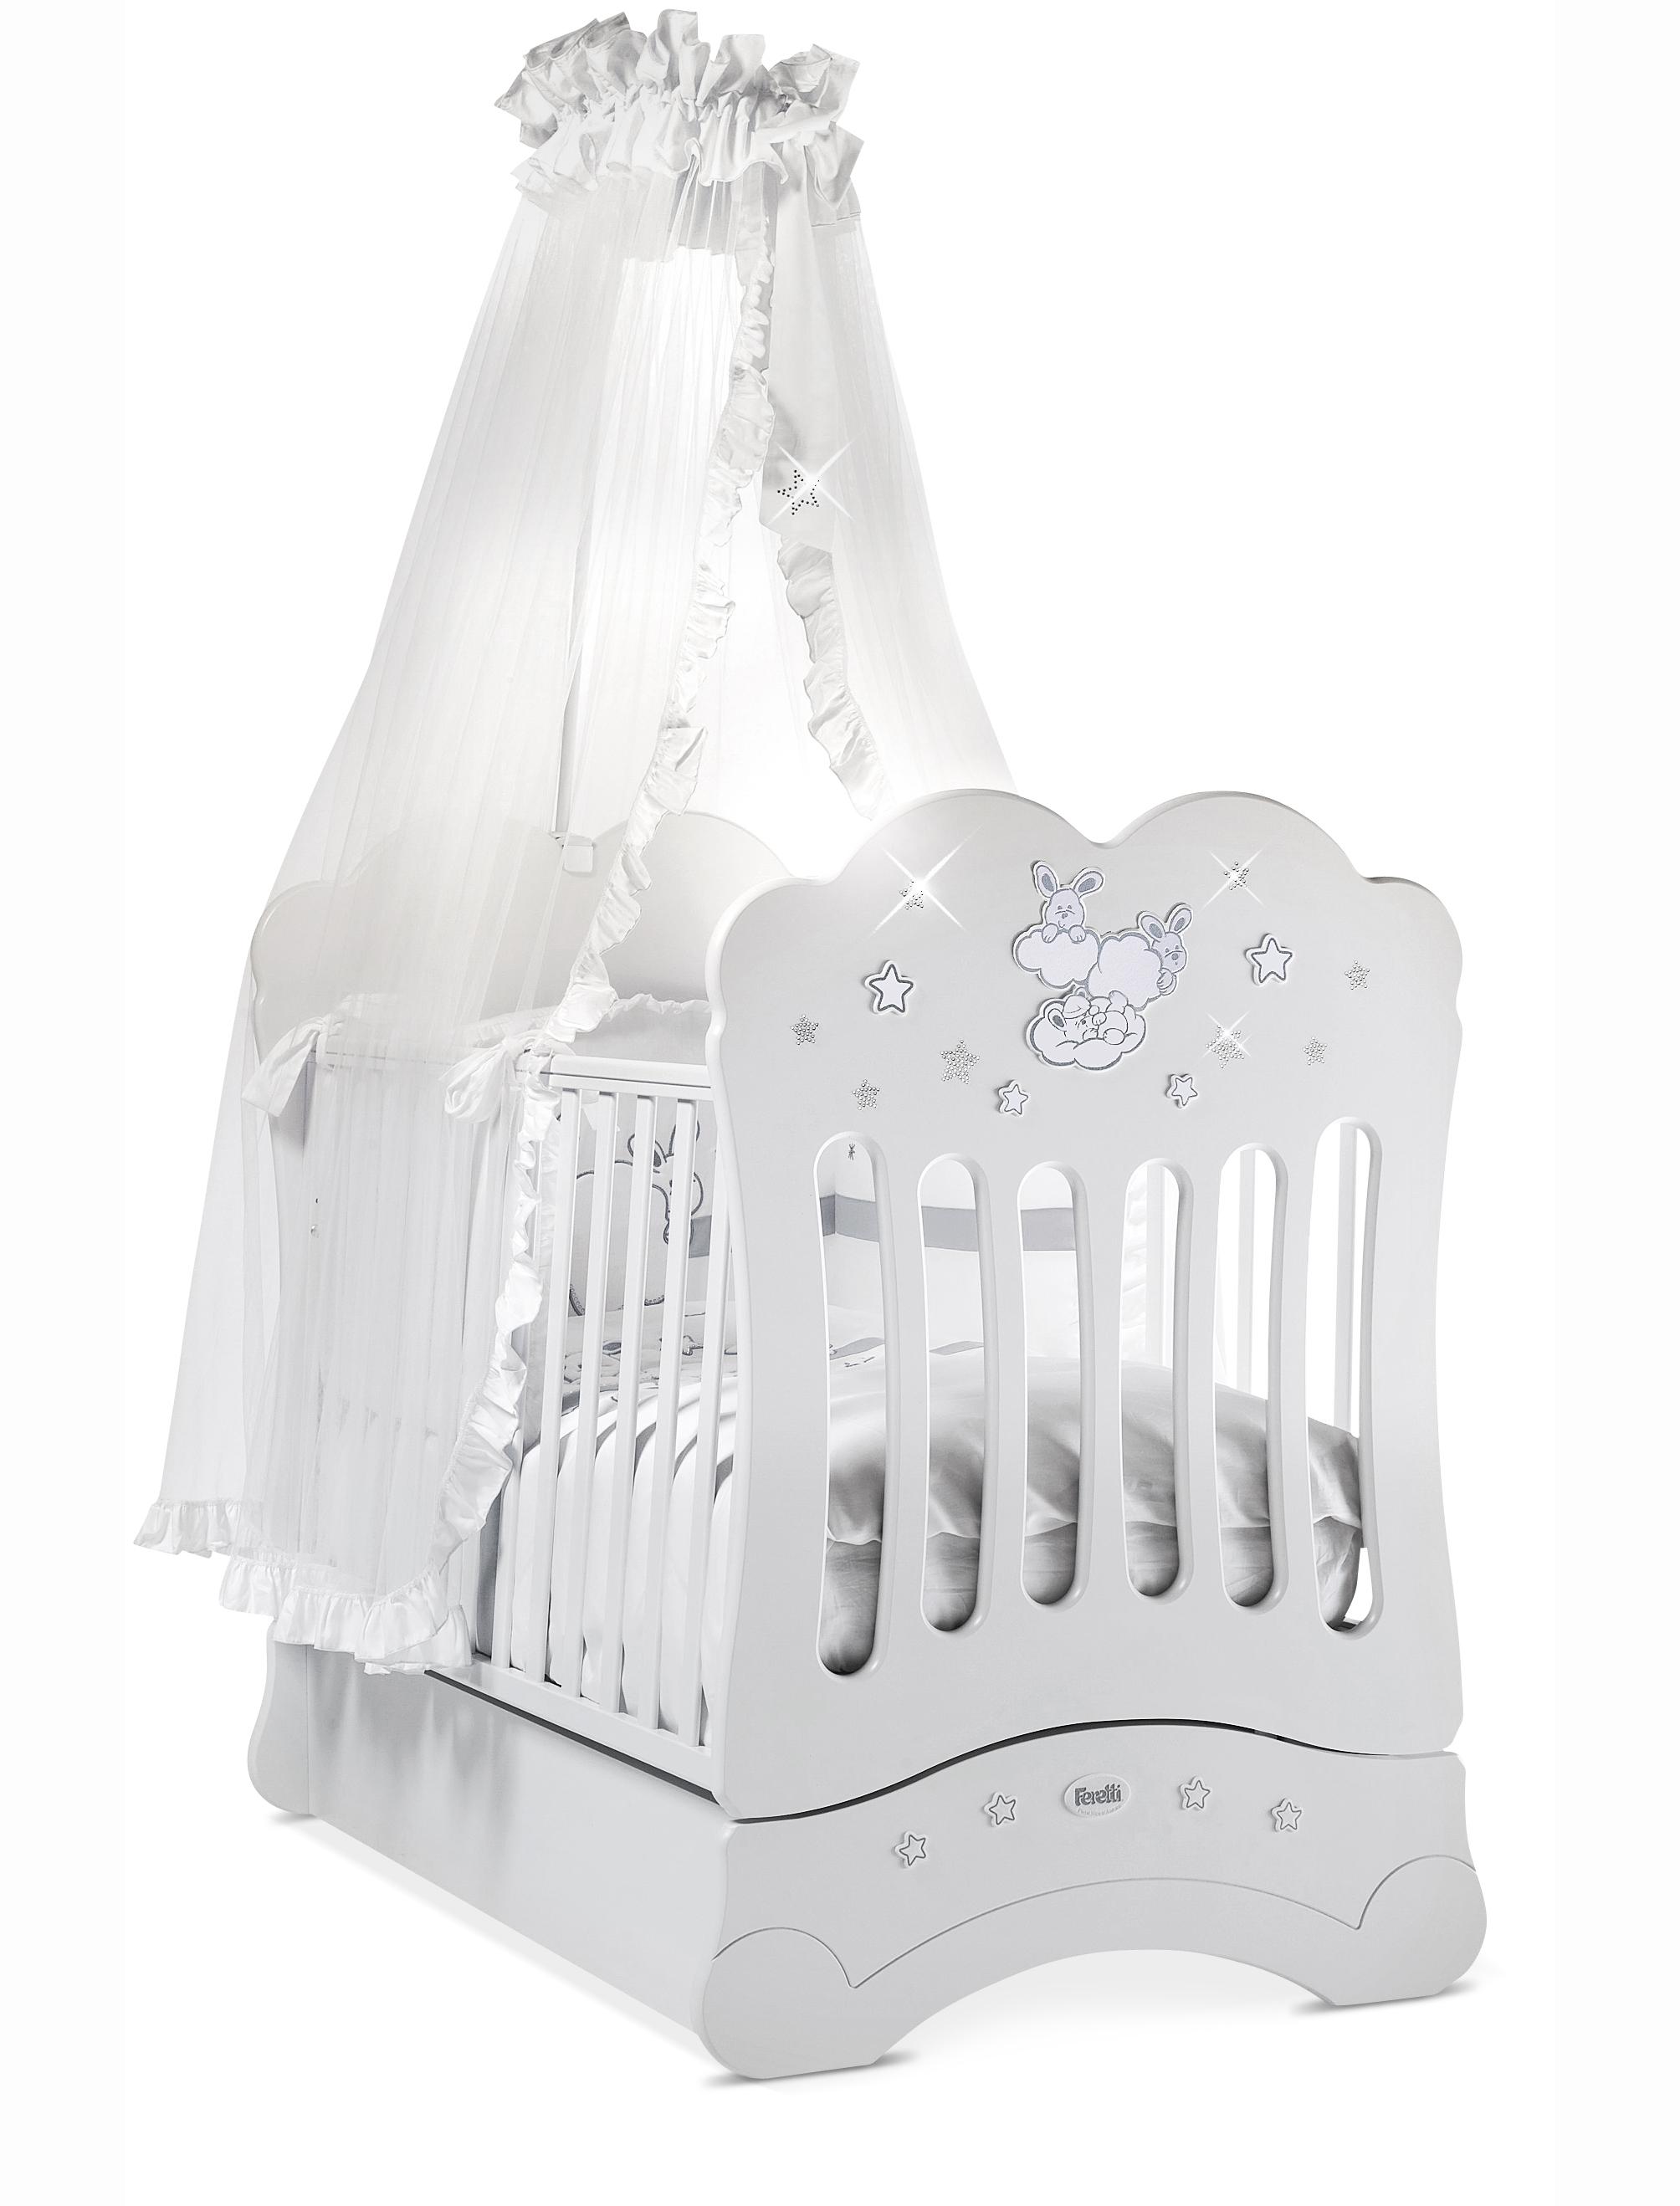 Кровать детская Feretti Fms Etoile Bianco/WhiteДетские кровати и мягкая мебель<br>Кровать детская Feretti Fms Etoile Bianco/White<br>